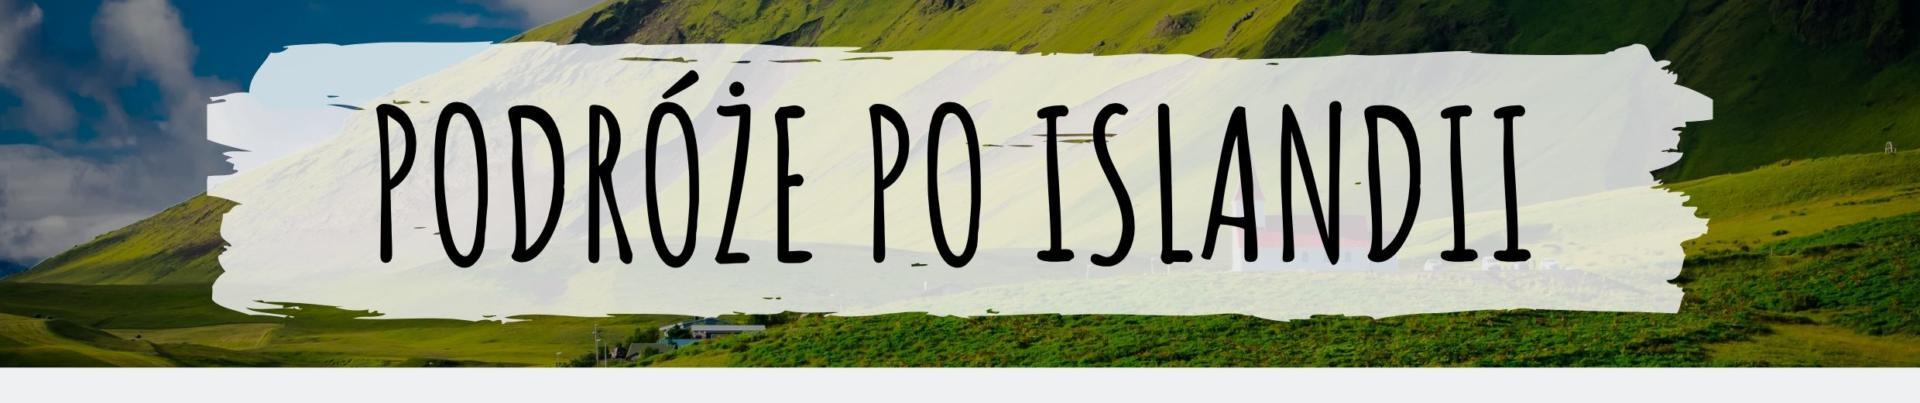 Podróże po Islandii